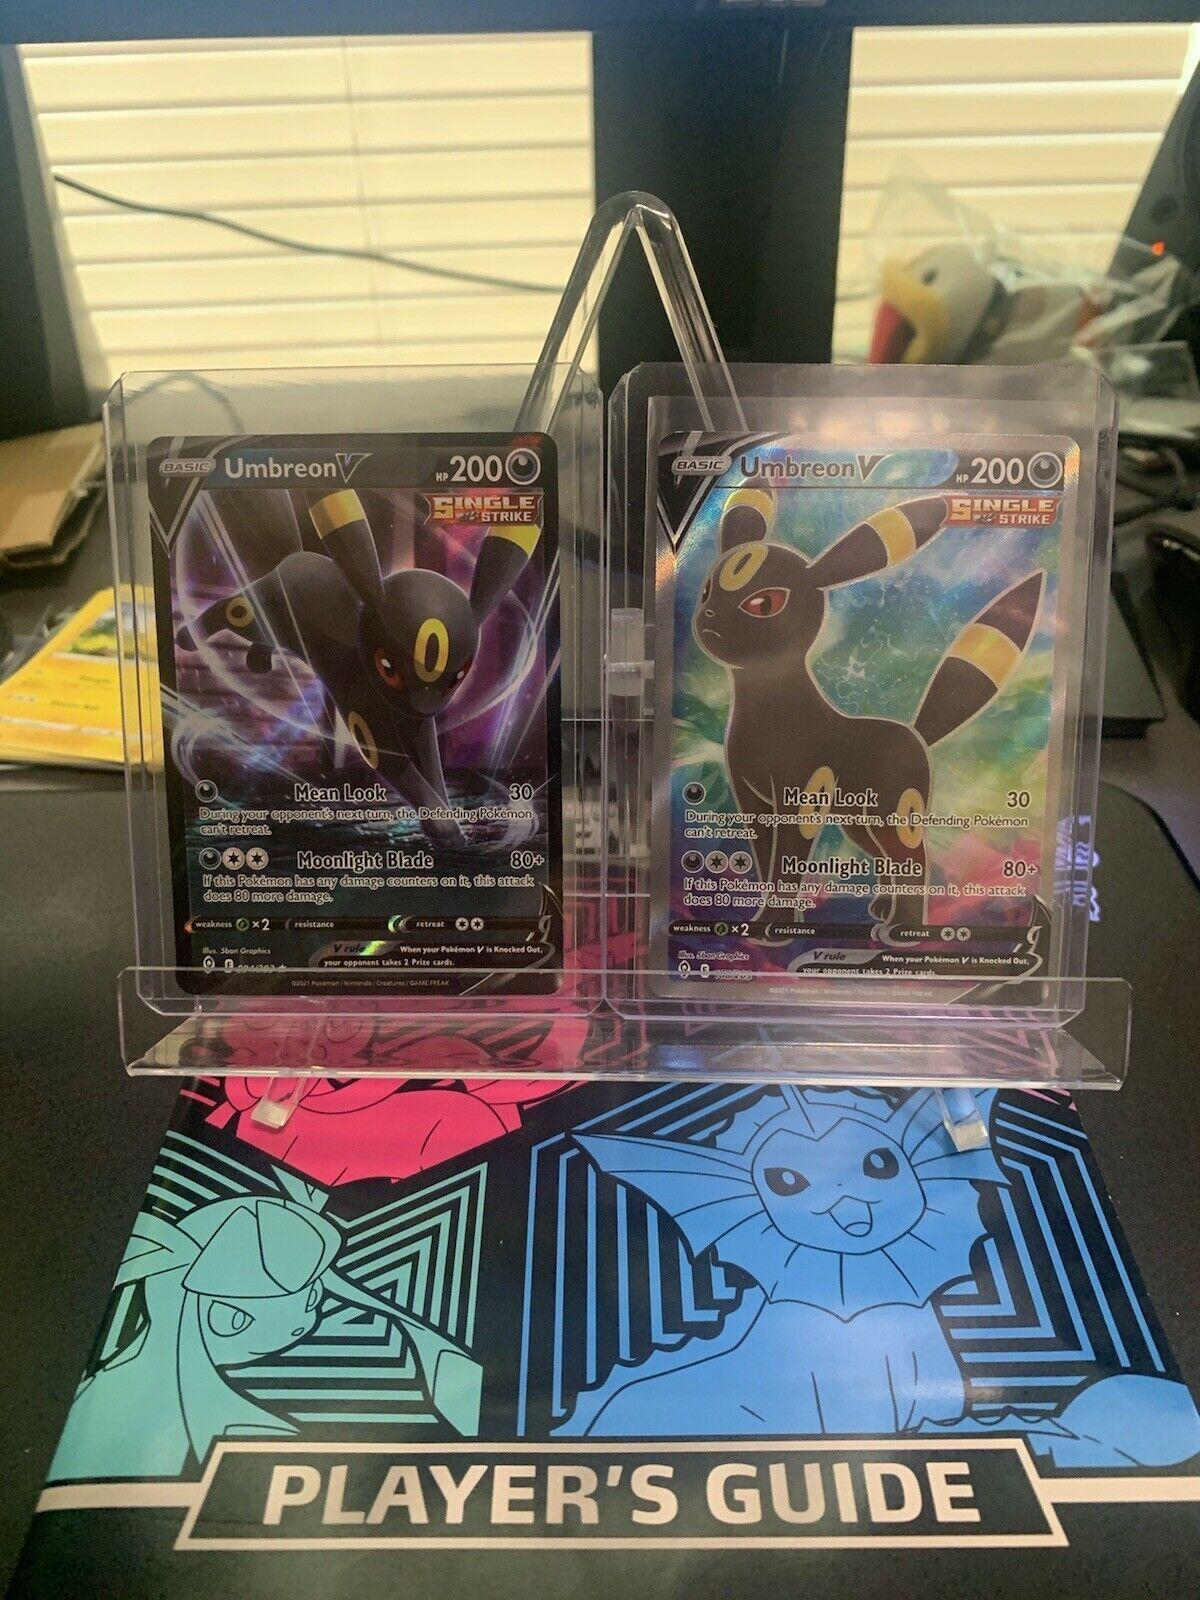 Pokémon Umbreon V 188/203 + 094/203 Evolving Skies Full Art Rare-Single Strike